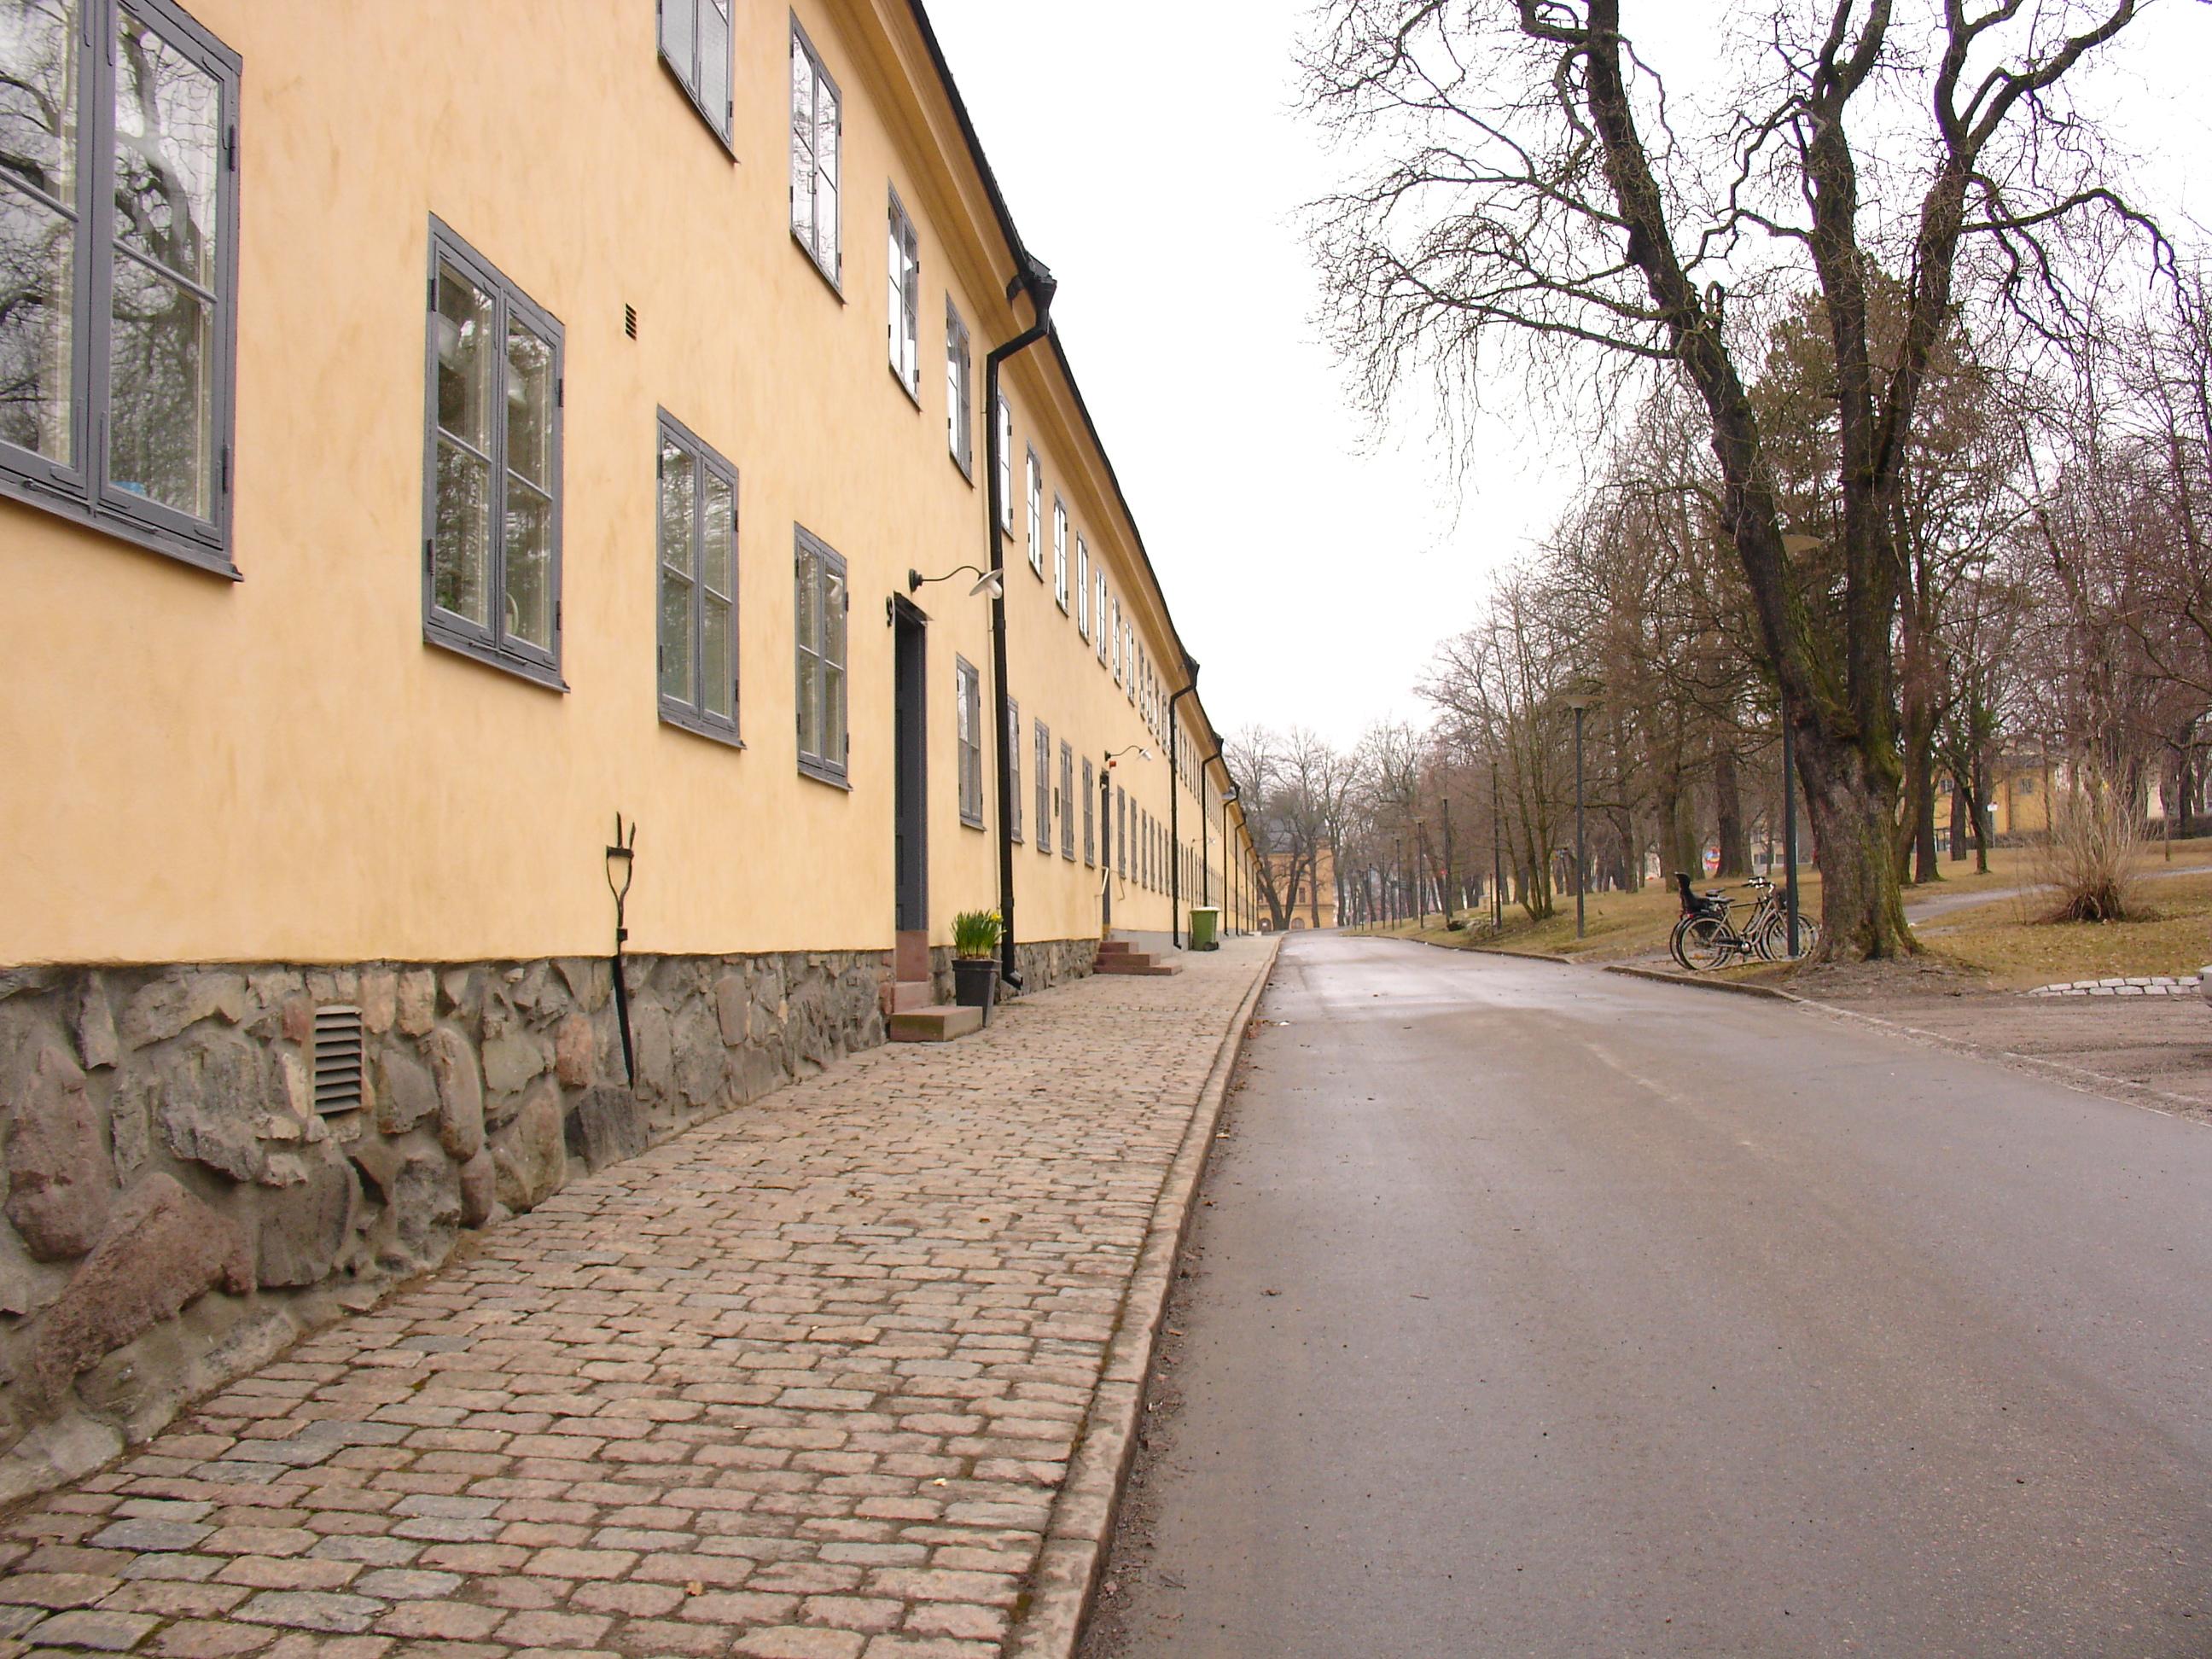 Långa Raden auf Skeppsholmen